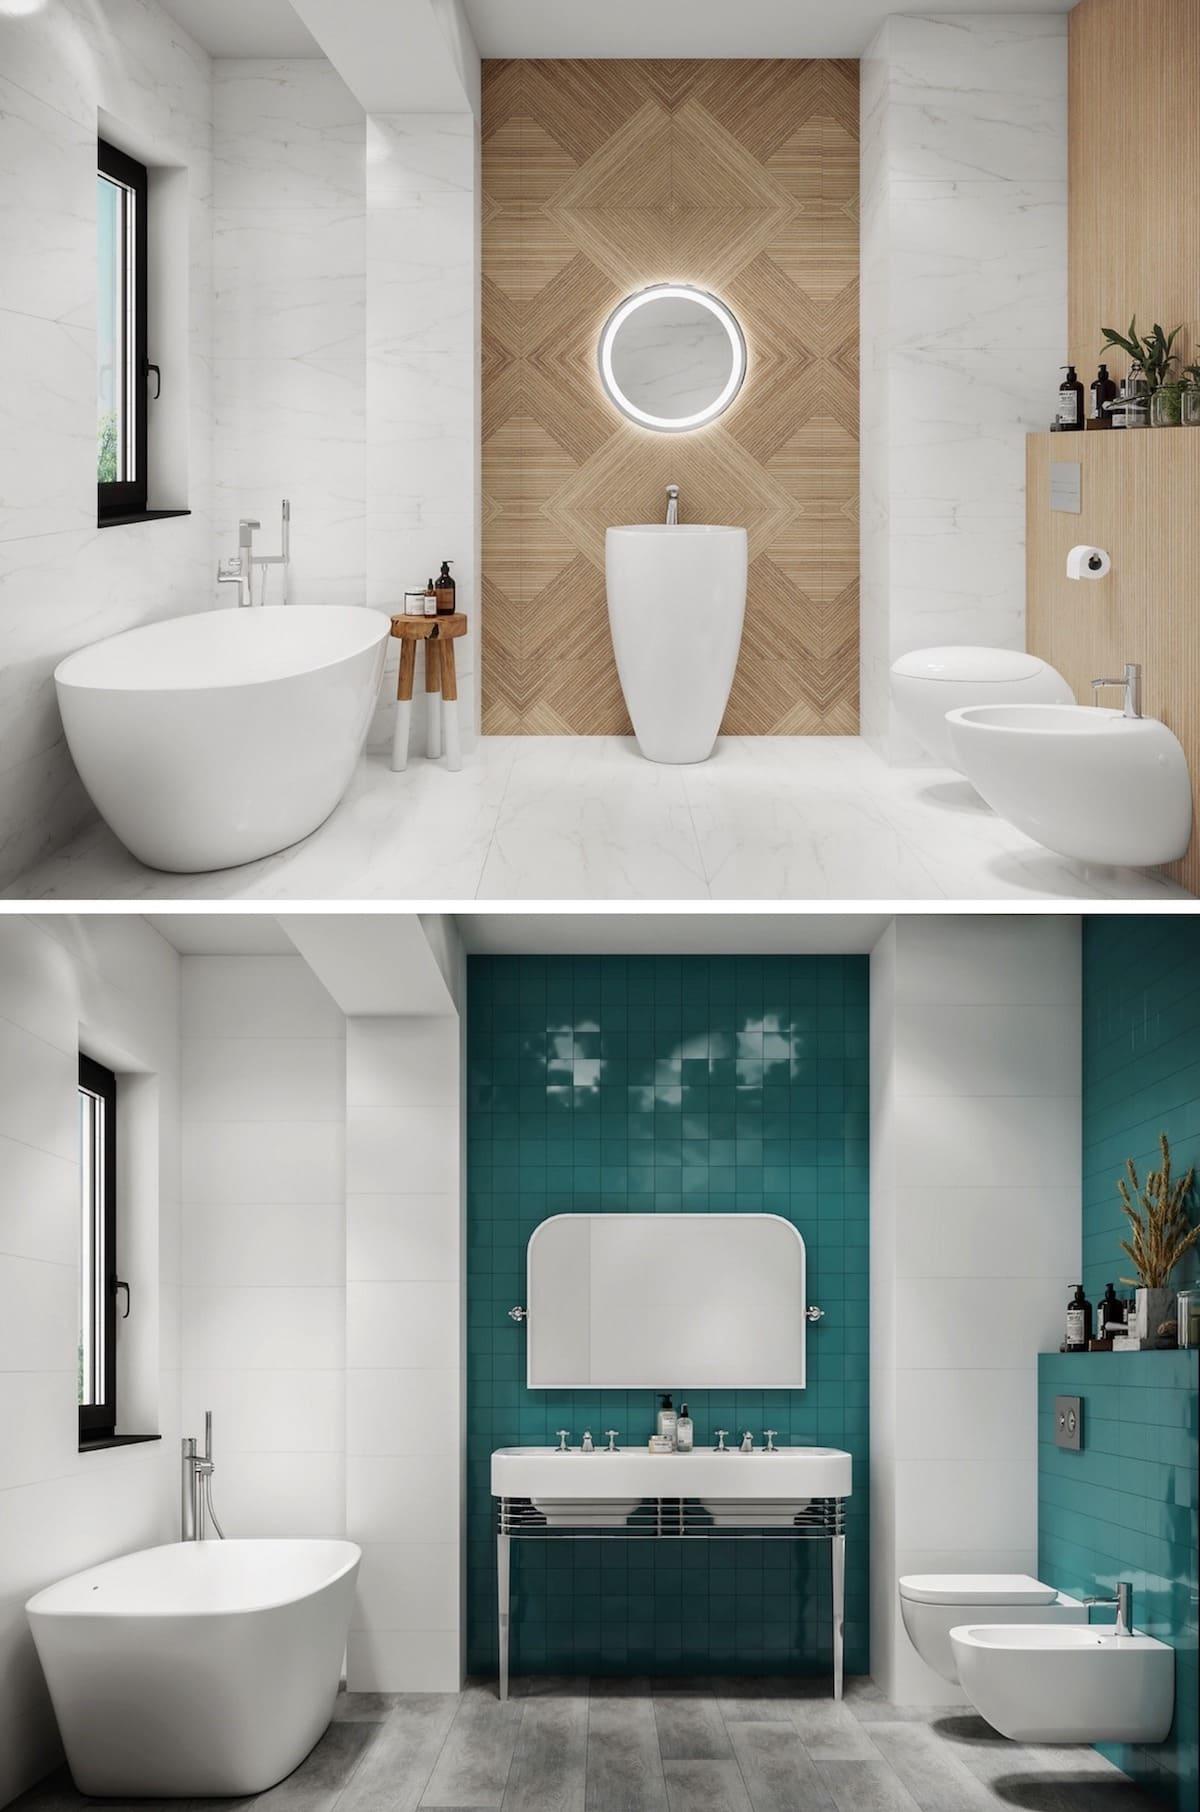 дизайн интерьера ванной комнаты фото 18